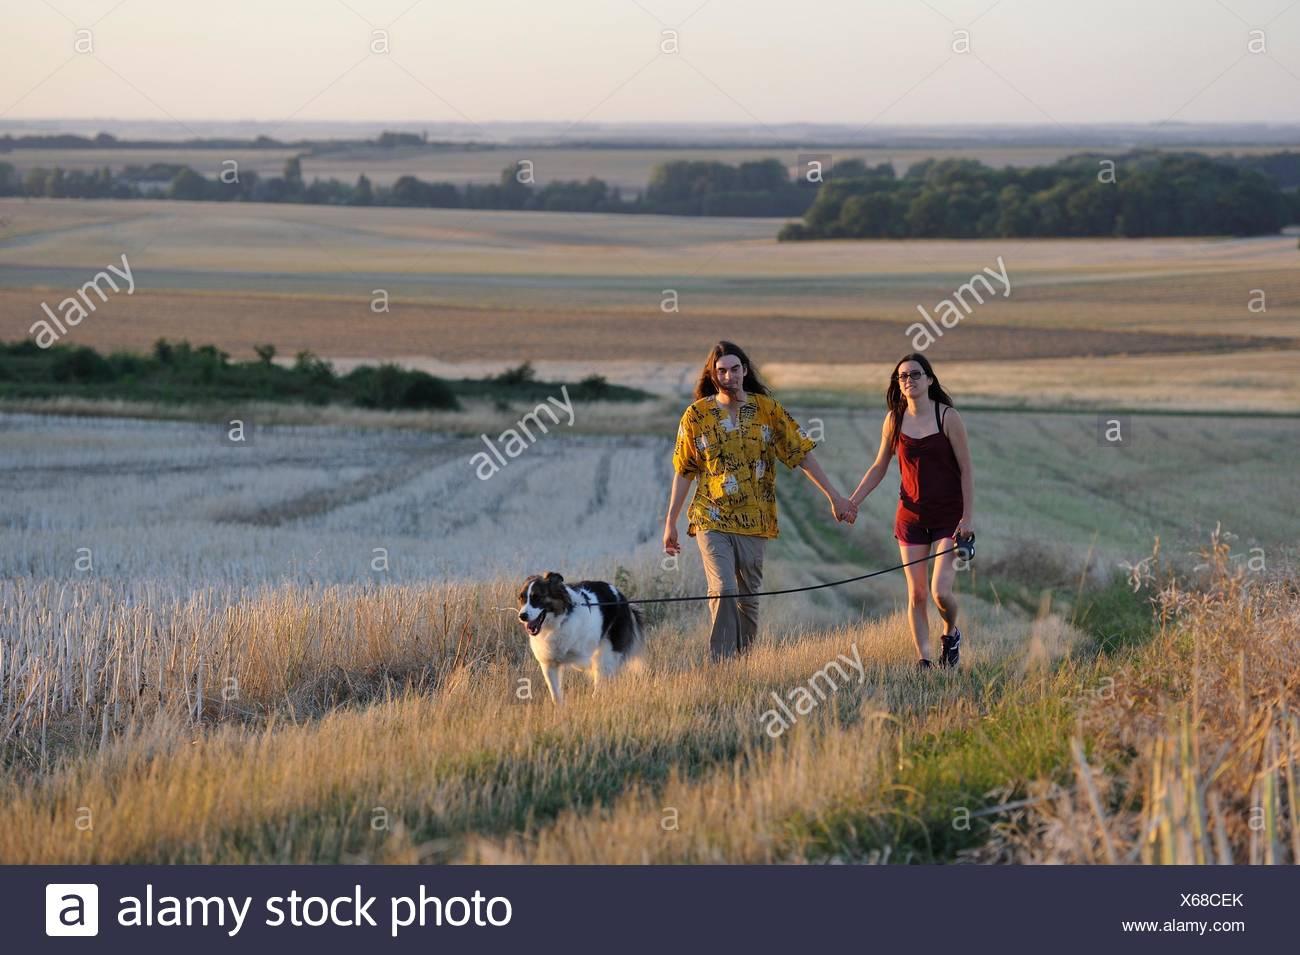 Coppia di giovani a piedi con un cane intorno Mittainville, Yvelines reparto, regione Ile-de-France, Francia, Europa. Immagini Stock